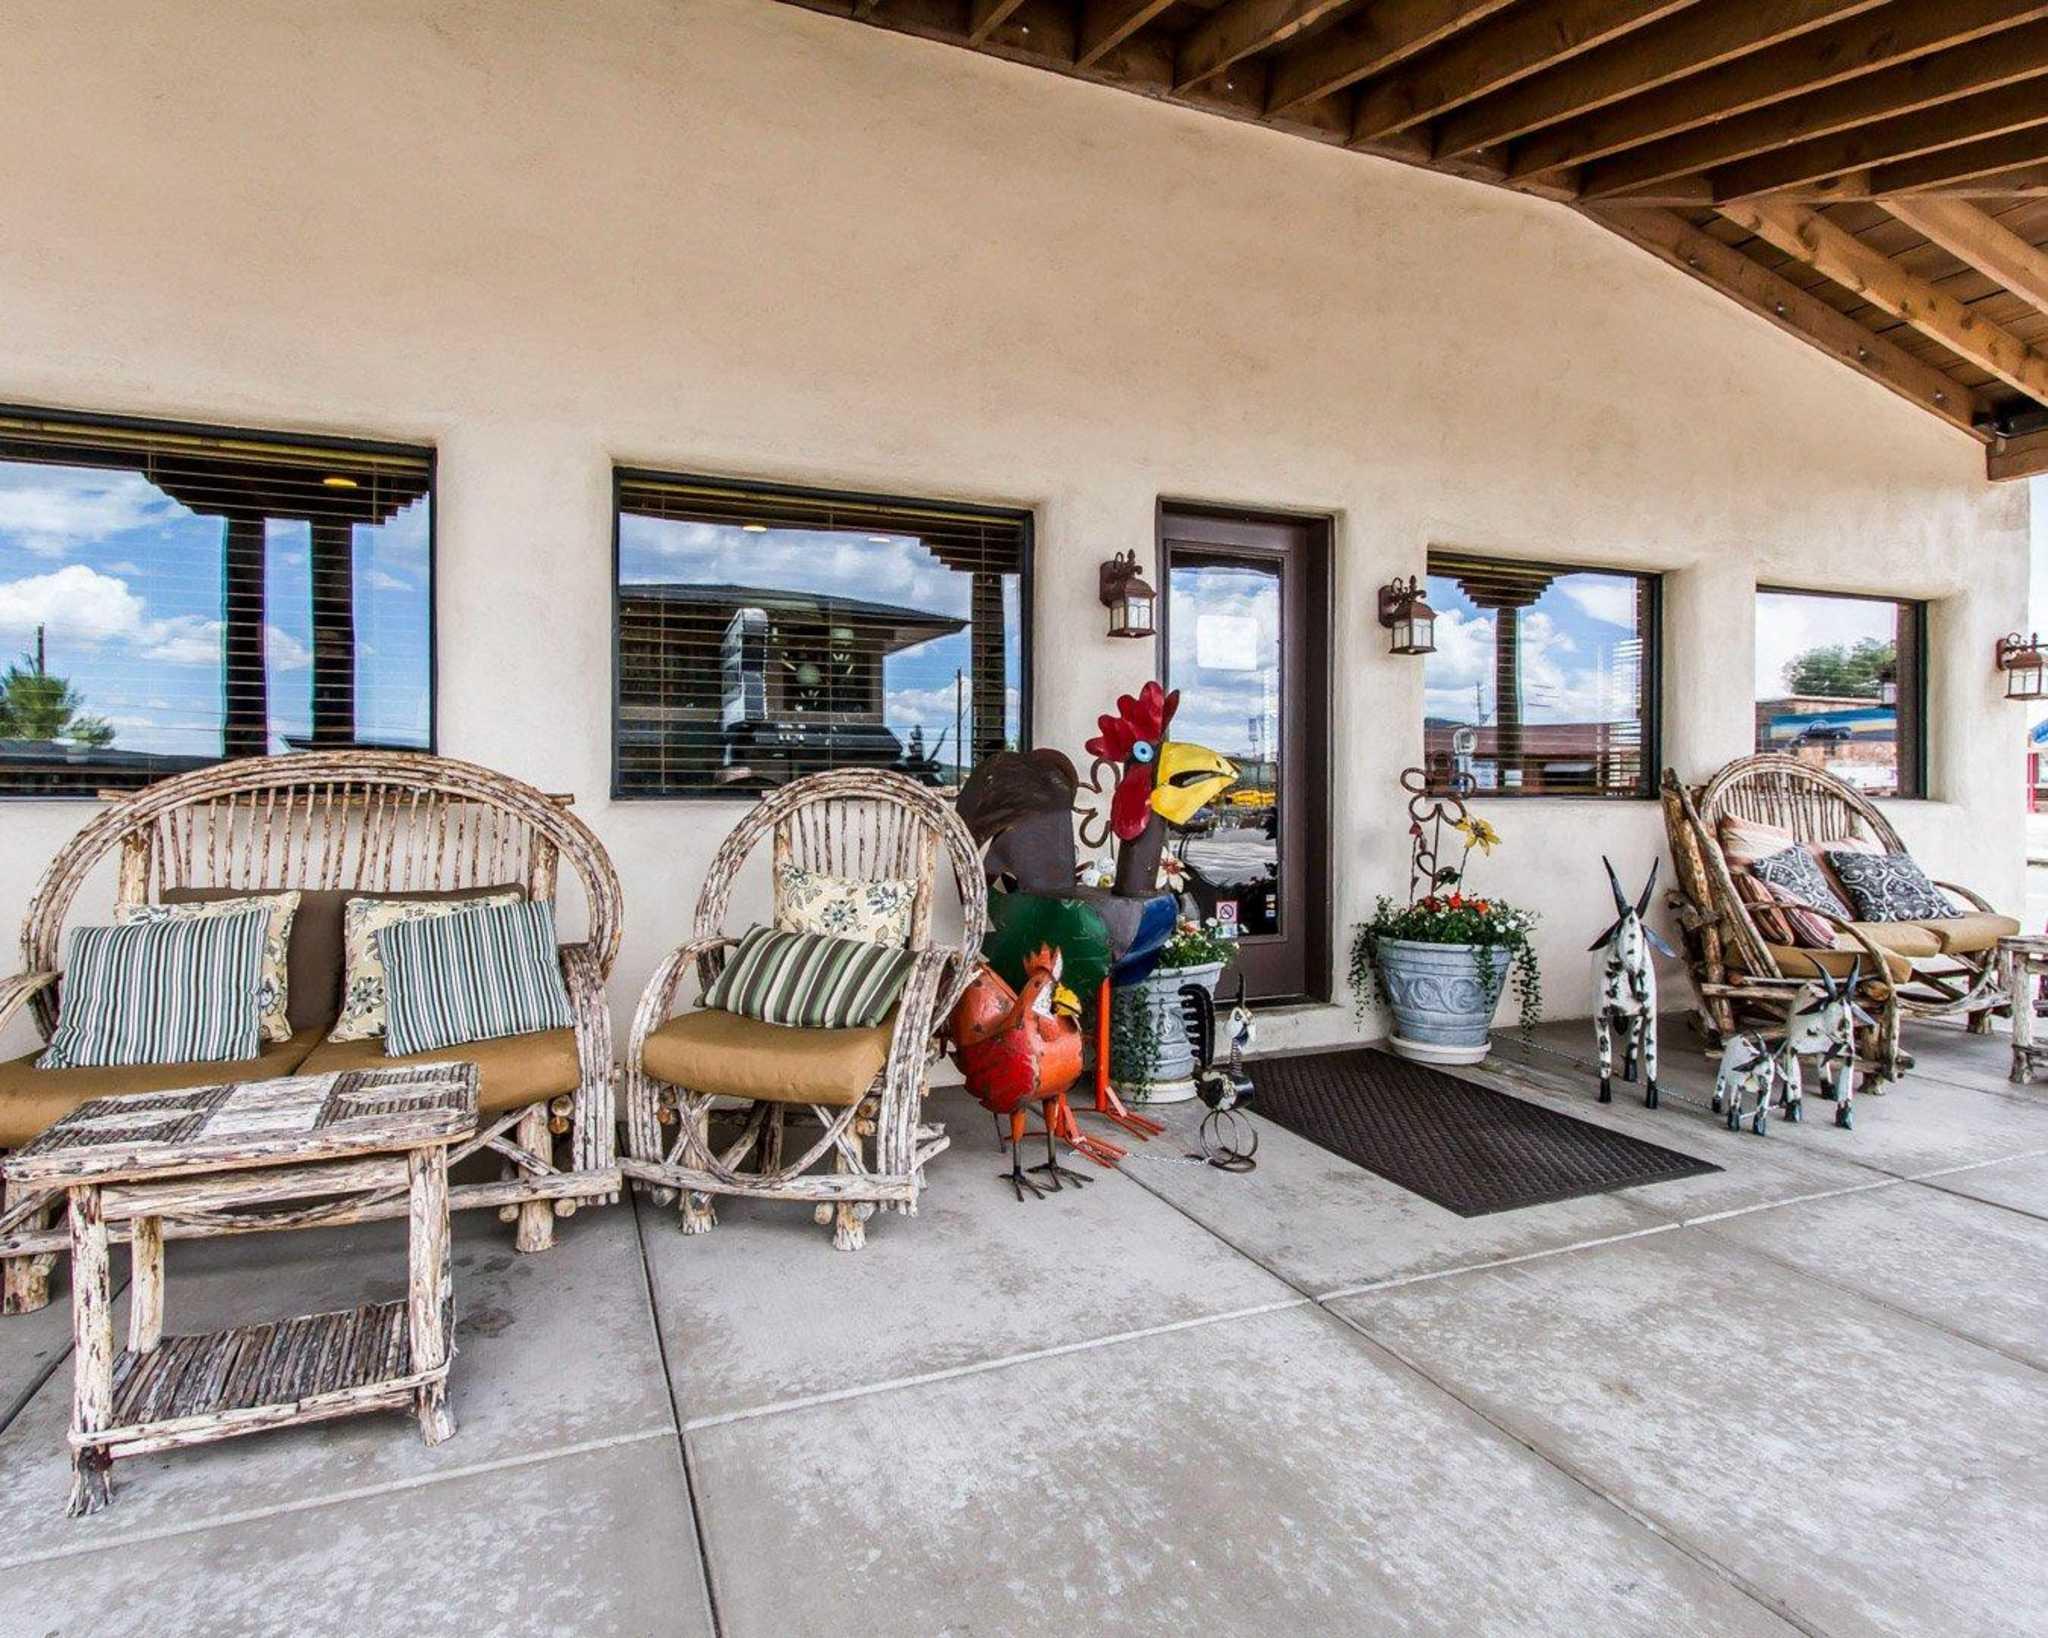 Rodeway Inn & Suites Downtowner-Rte 66 image 31